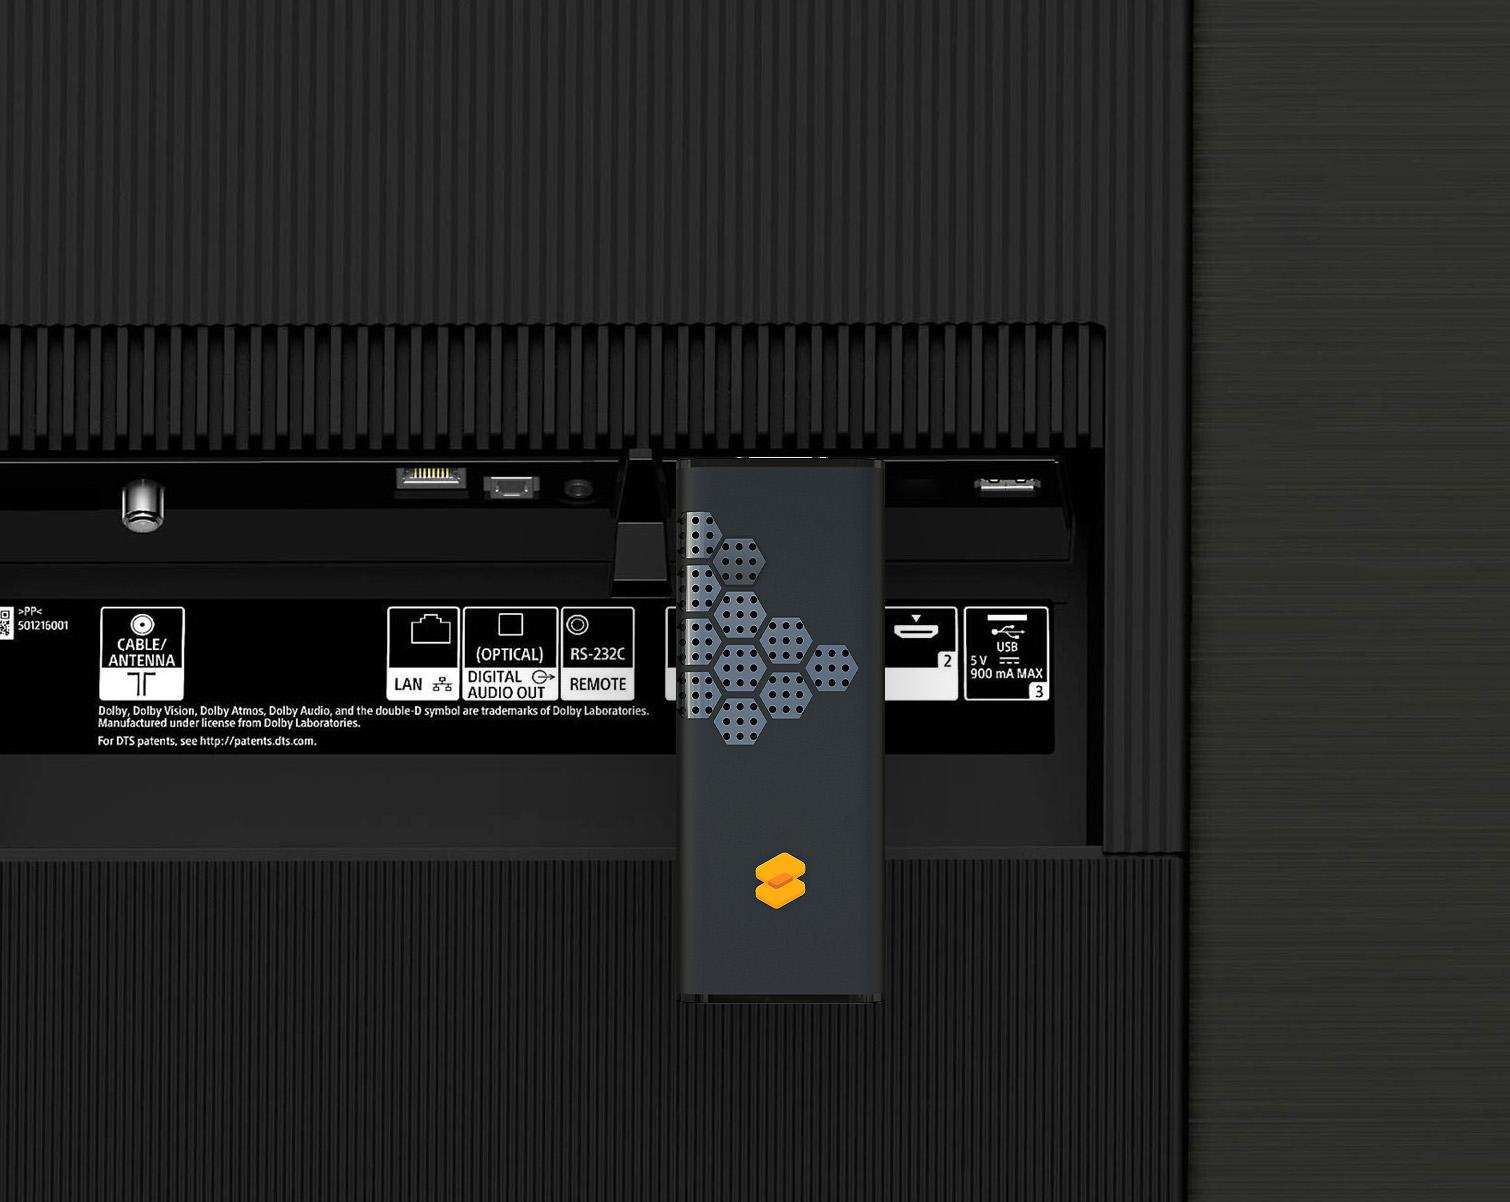 Visuel face arrière d'un écran d'affichage dynamique avec le boitier STEEQ branché sur le port HDMI